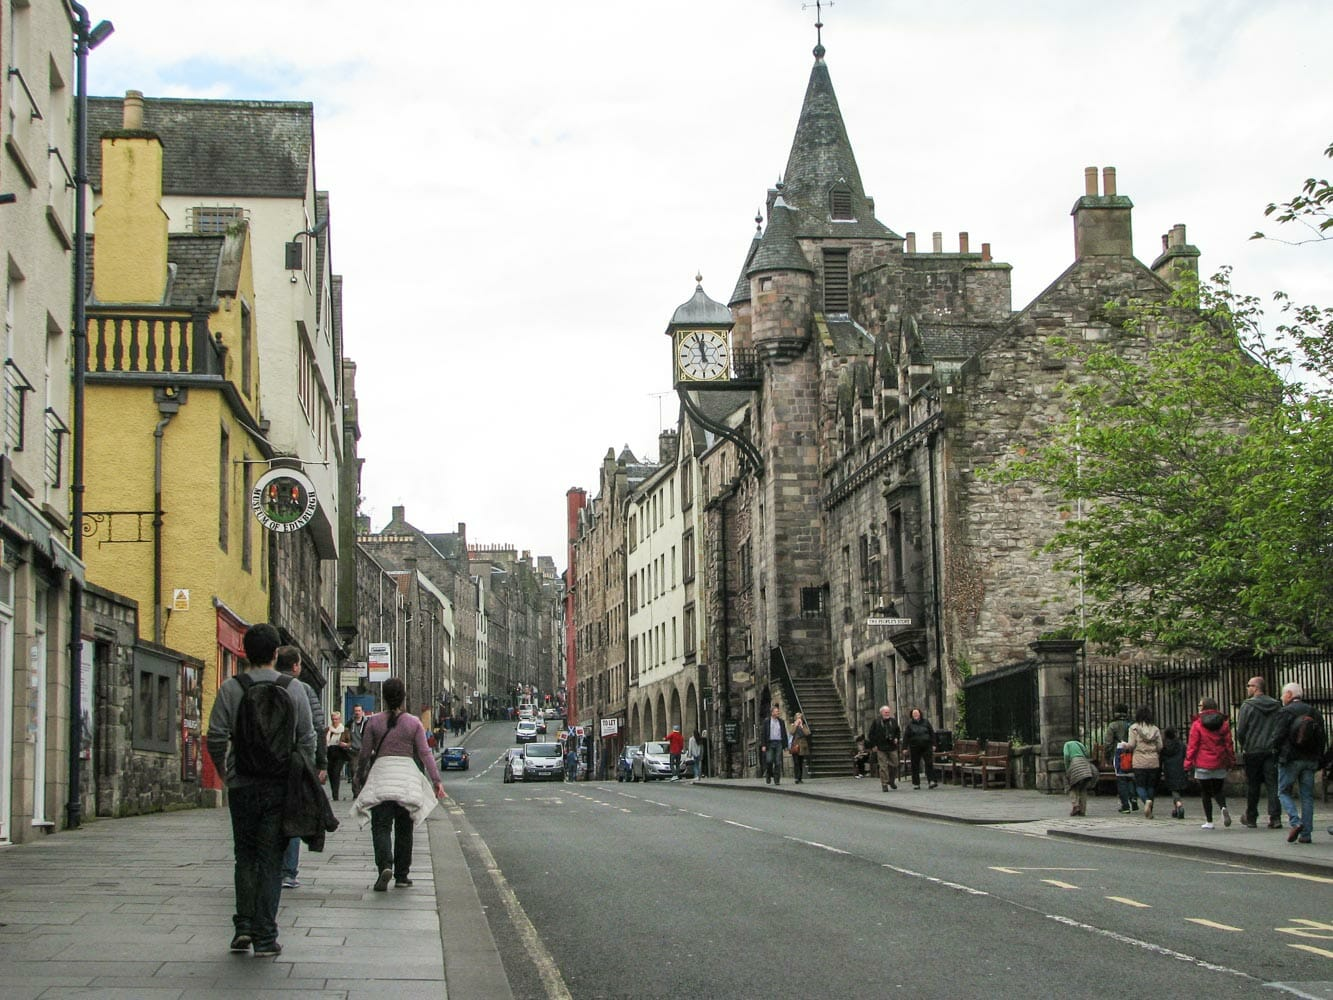 Ruta por los escenarios de Outlander en Edimburgo Royal Mile